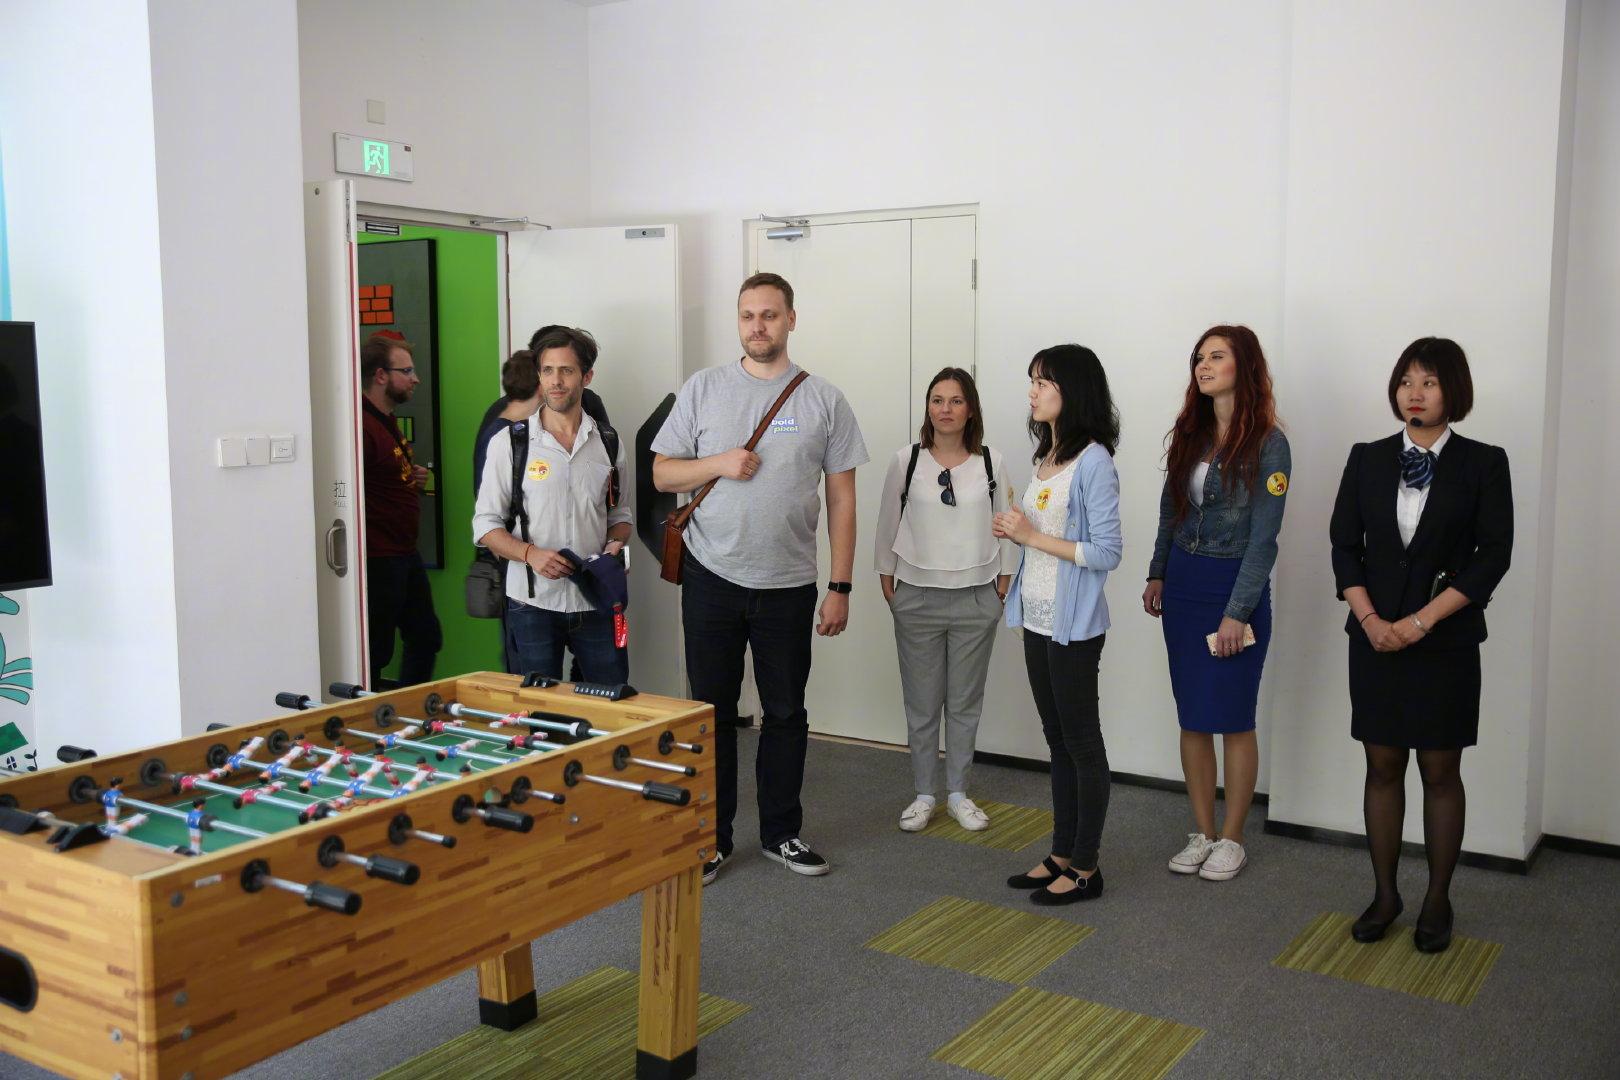 波兰游戏代表团到访新浪 称中国玩家更喜欢移动端游戏